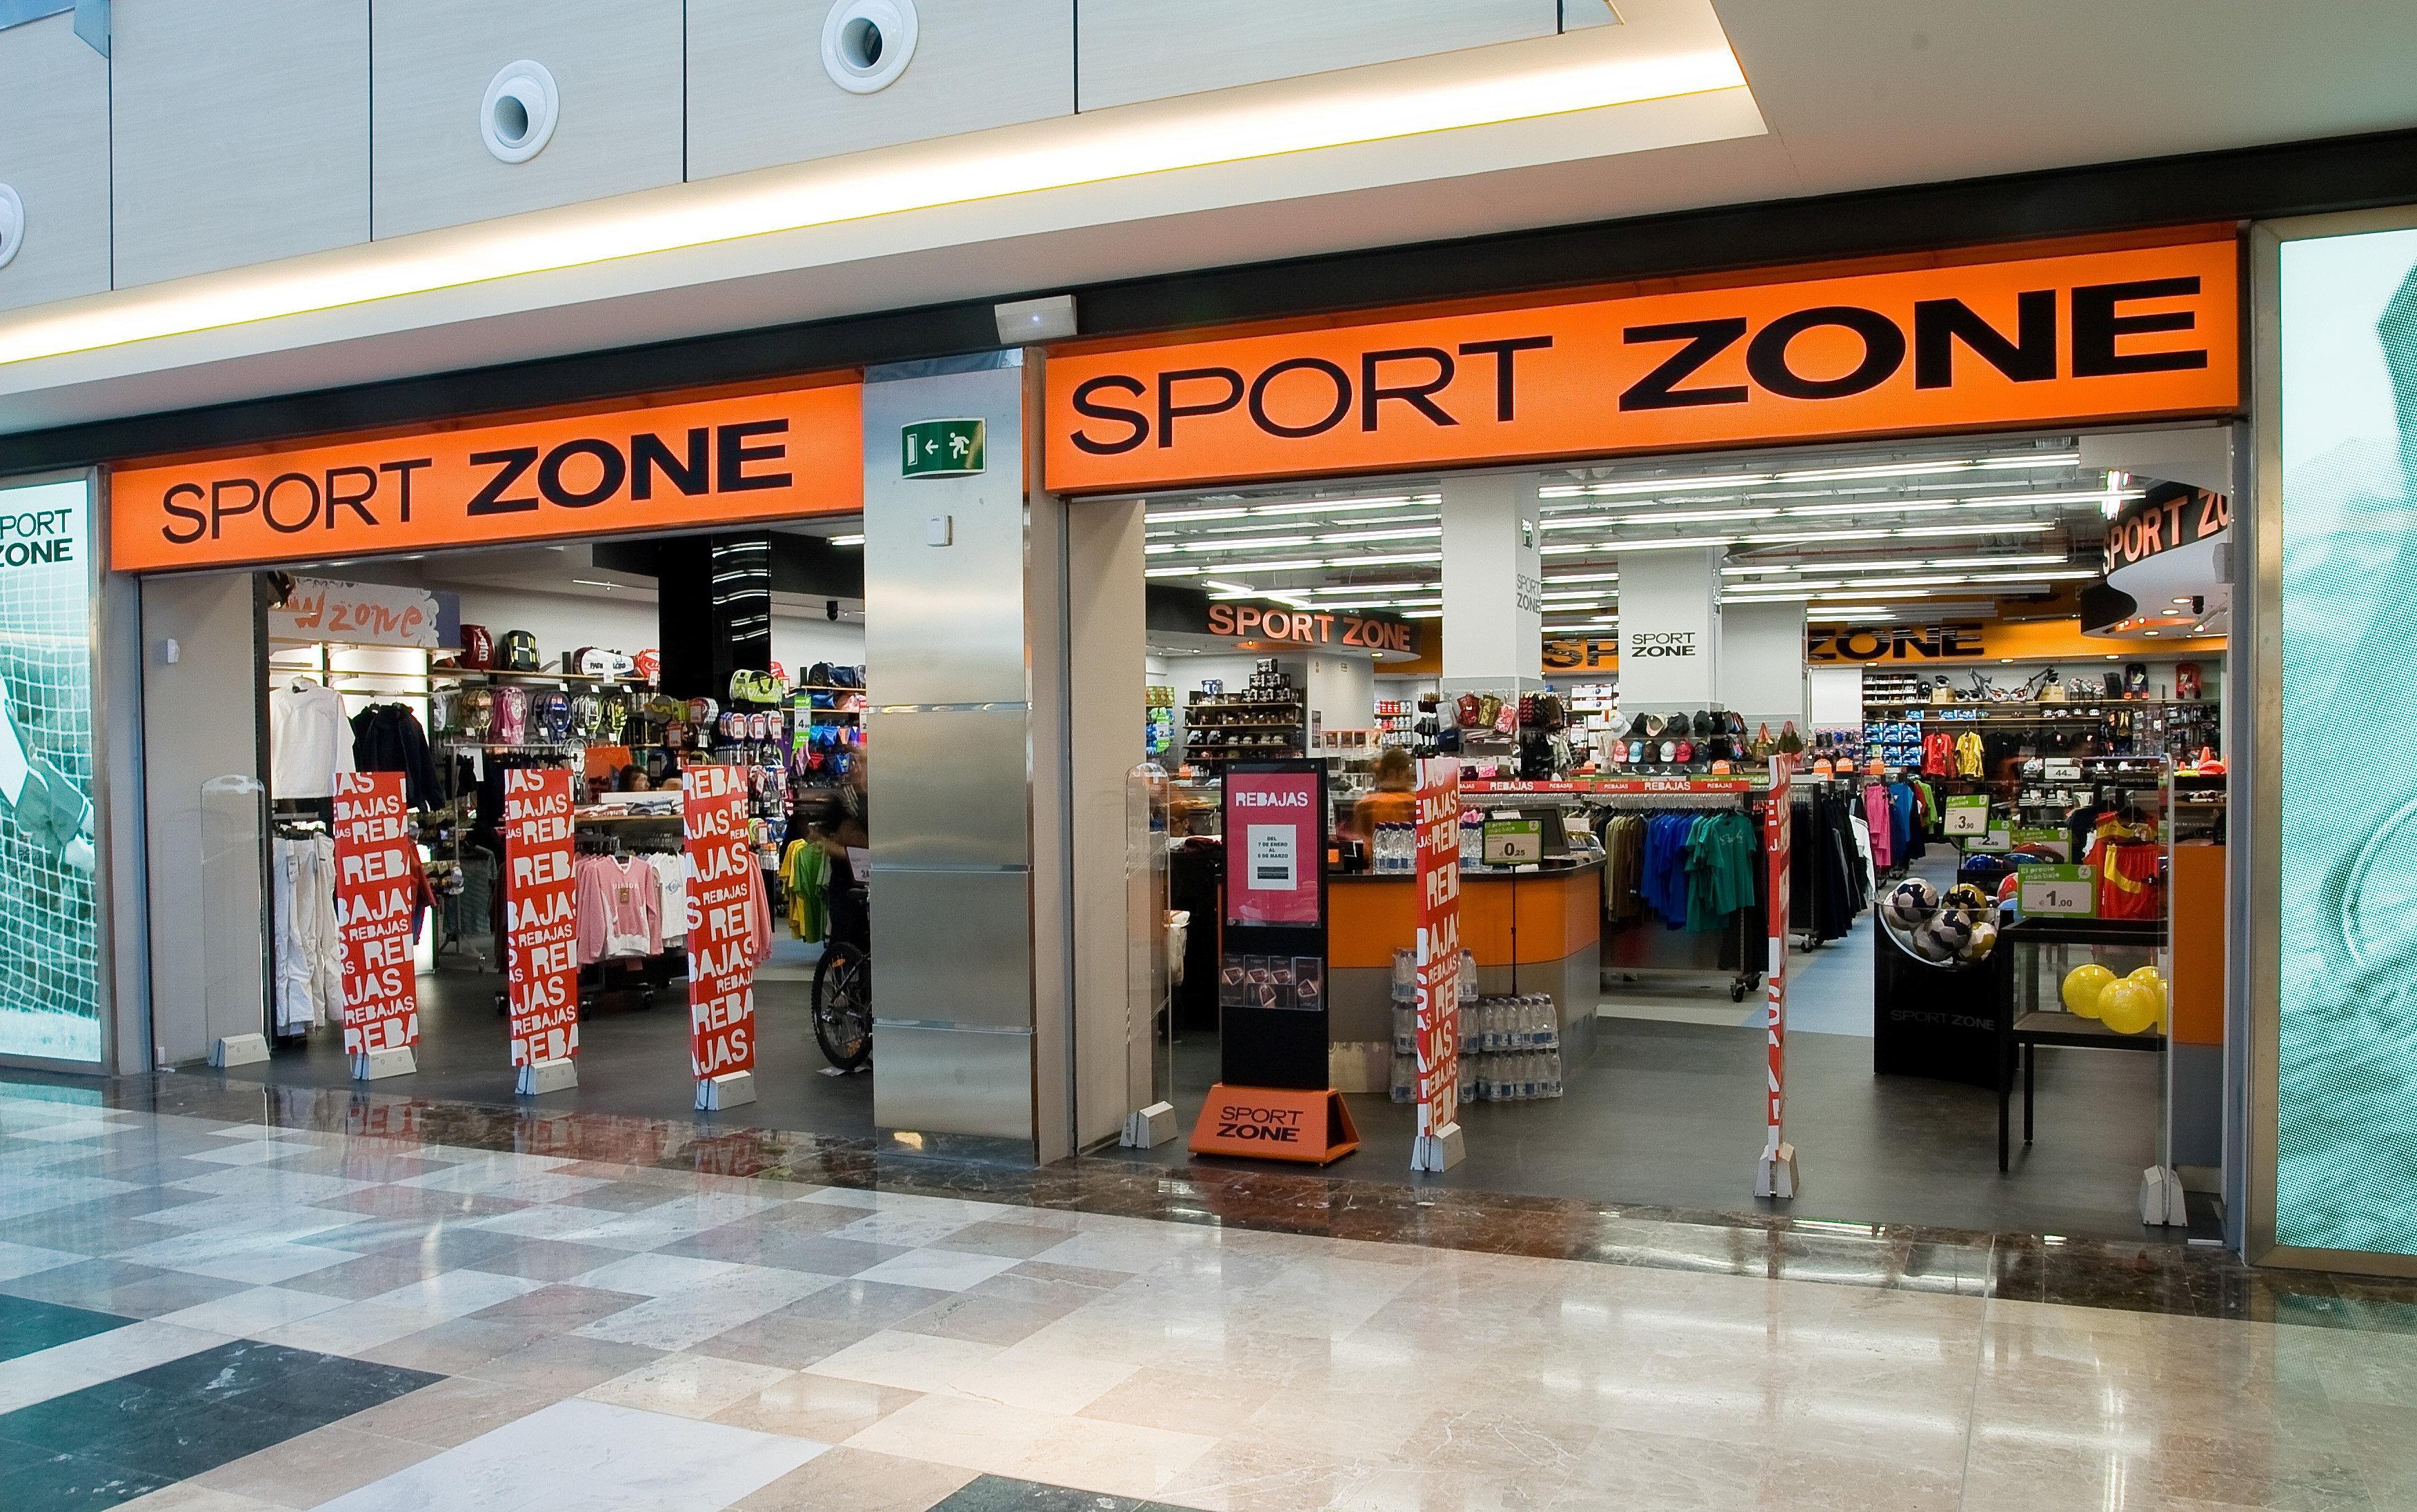 Citaten Sport Zone : Ramos catarino sport zone